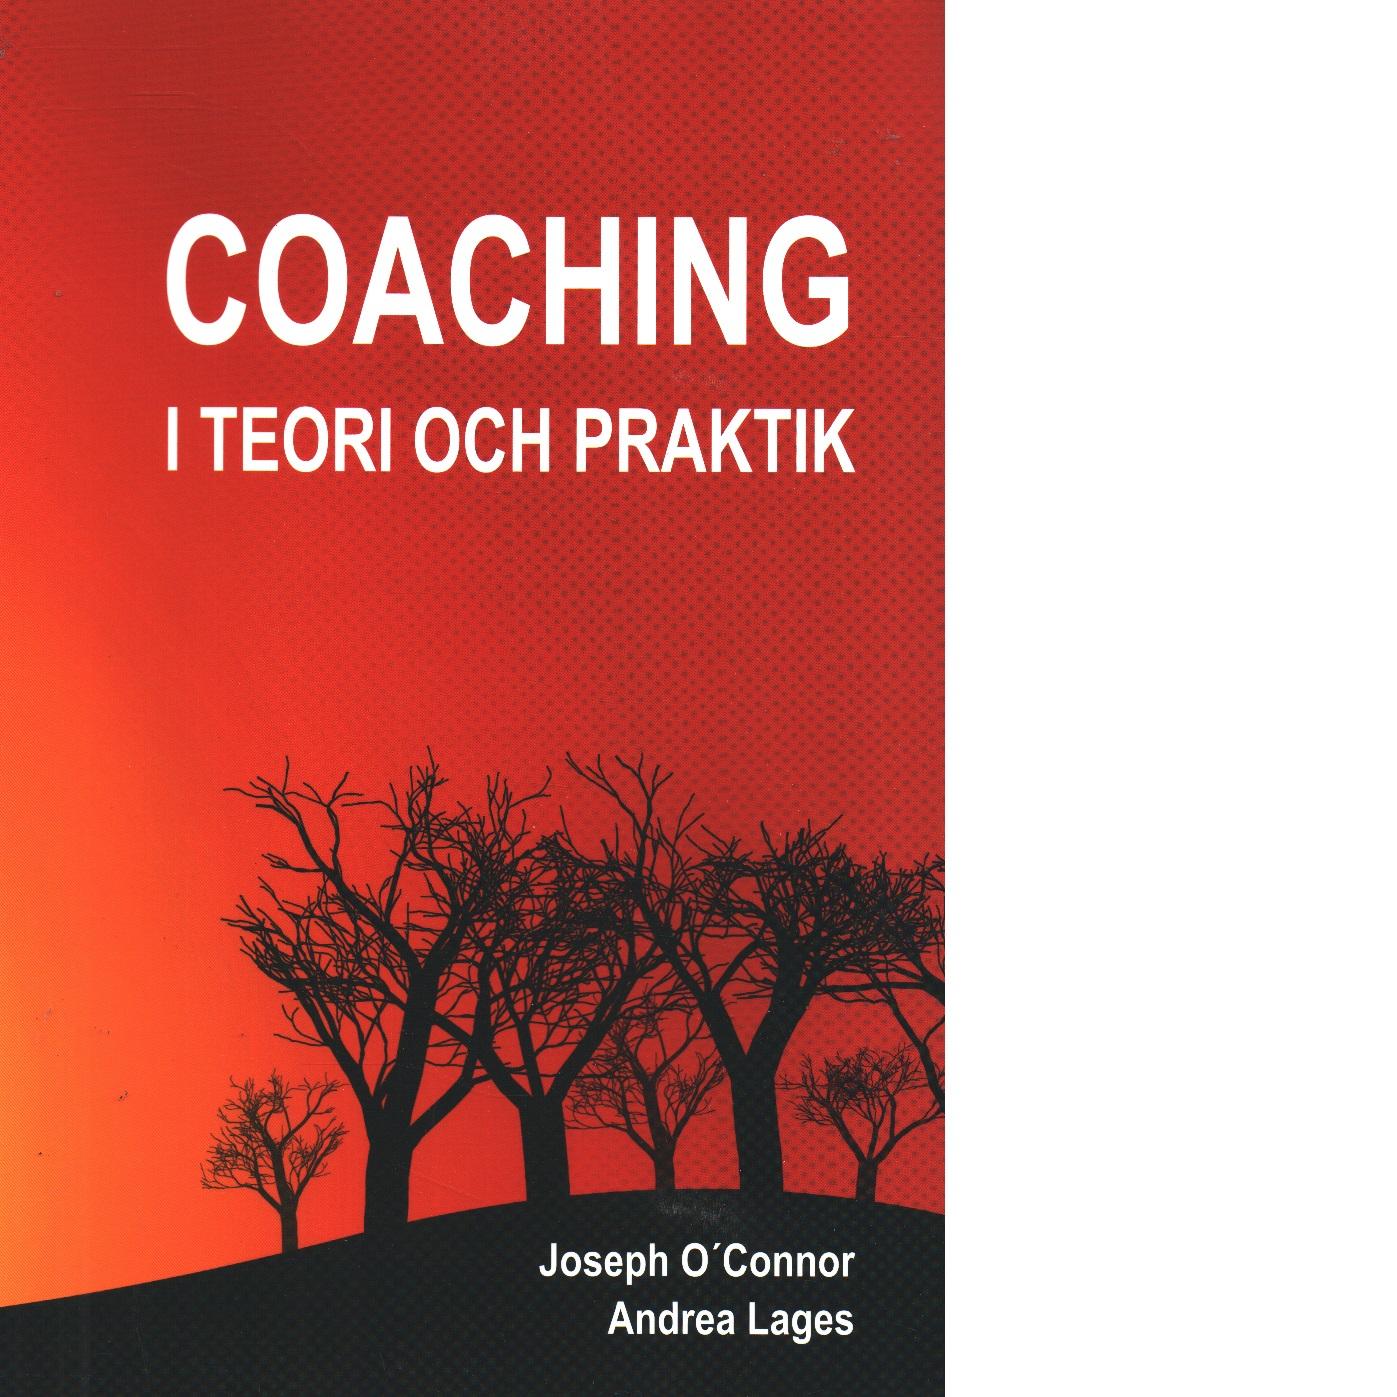 Coaching i teori och praktik - O'Connor, Joseph och Lages, Andrea